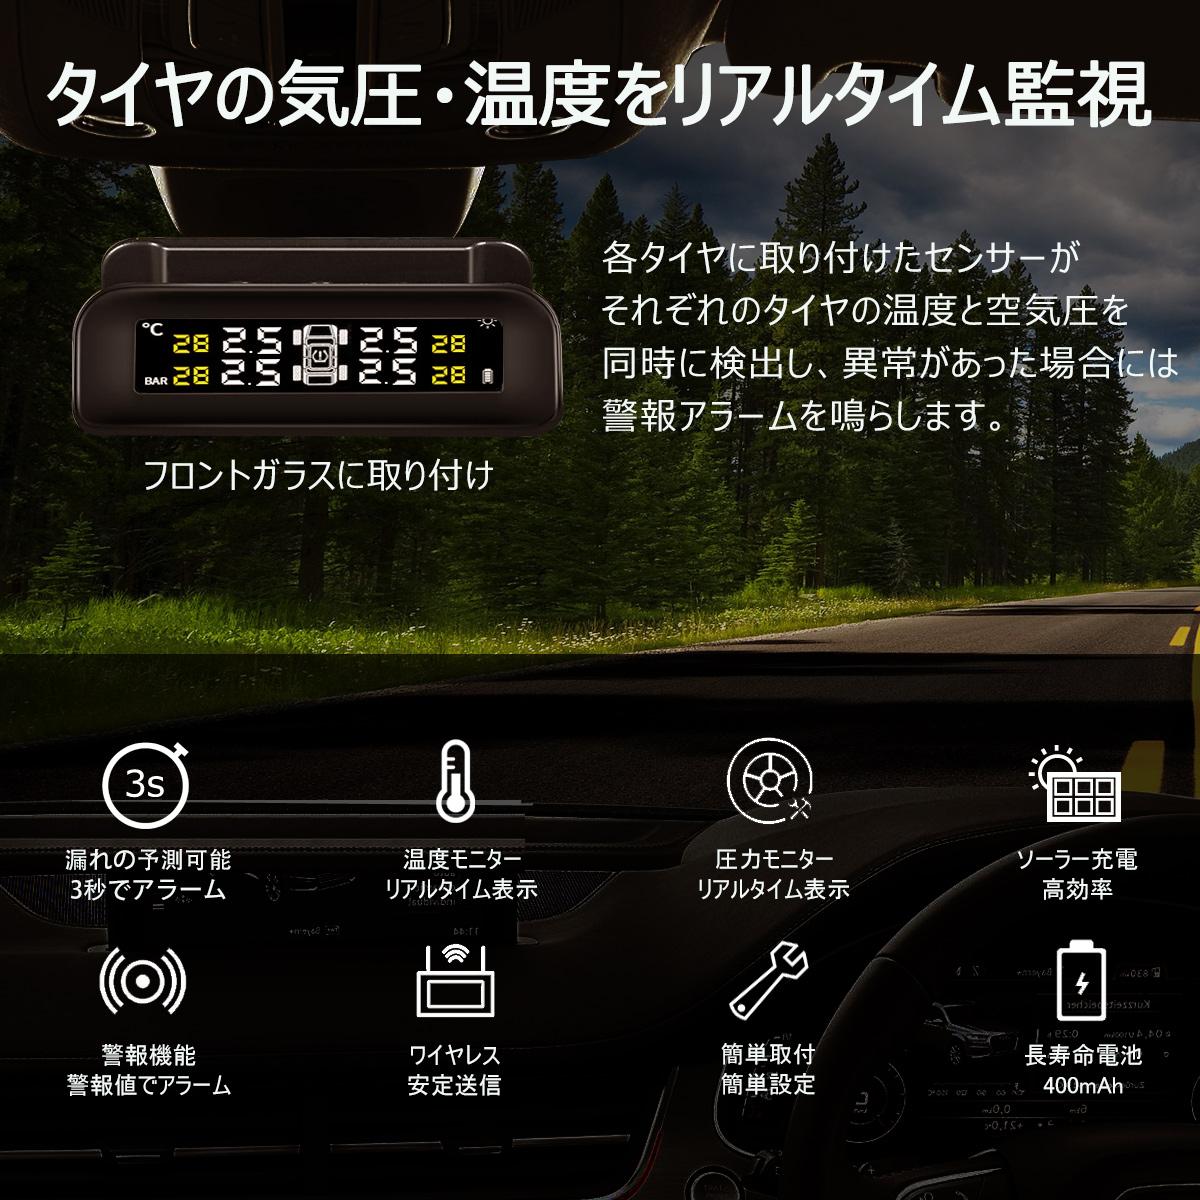 タイヤ空気圧センサー C270 タイヤ空気圧モニター タイヤ空気圧監視システム TPMS ワイヤレス タイヤ モニタリング 空気圧 温度 リアルタイム監視 計測 ソーラー充電 USB充電 LCD ディスプレイ 無線 振動感知 取付簡単 技適 日本語マニュアル付き 宅配便送料無料 1ヶ月保証